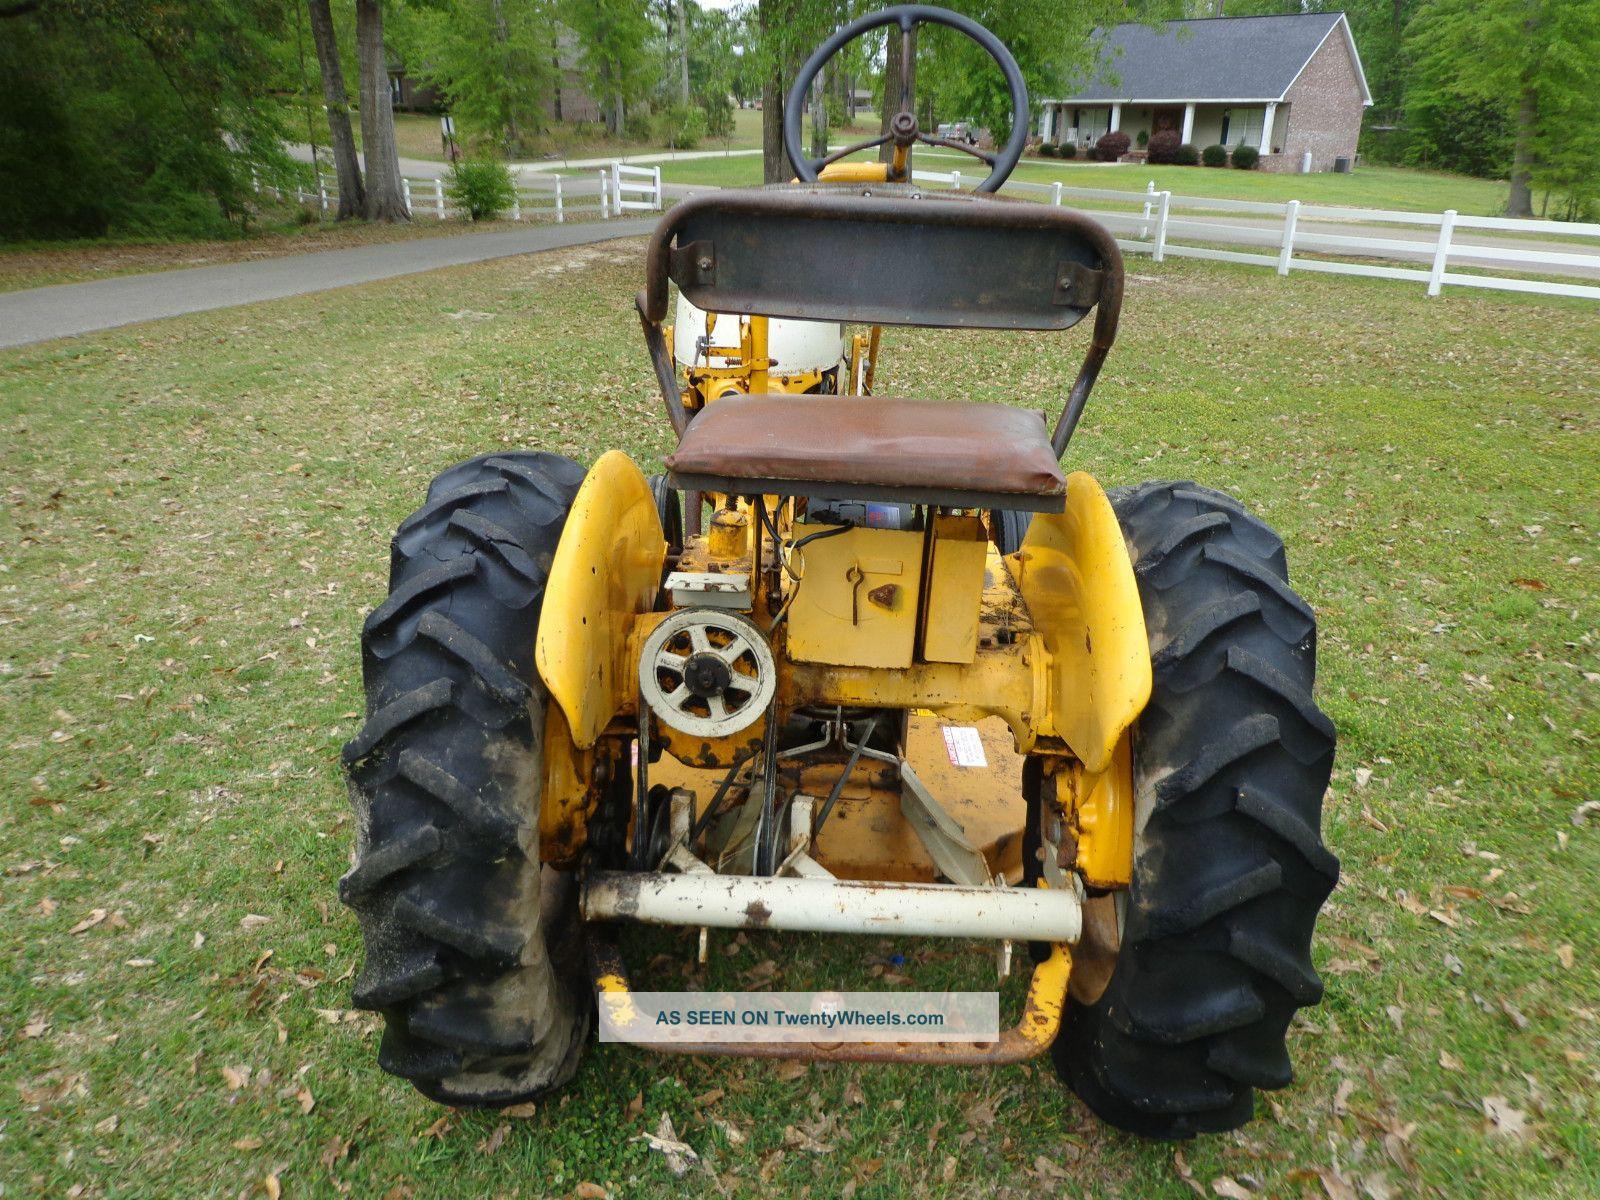 International Harvester Cub Tractor : International harvester cub tractor w belly mower in